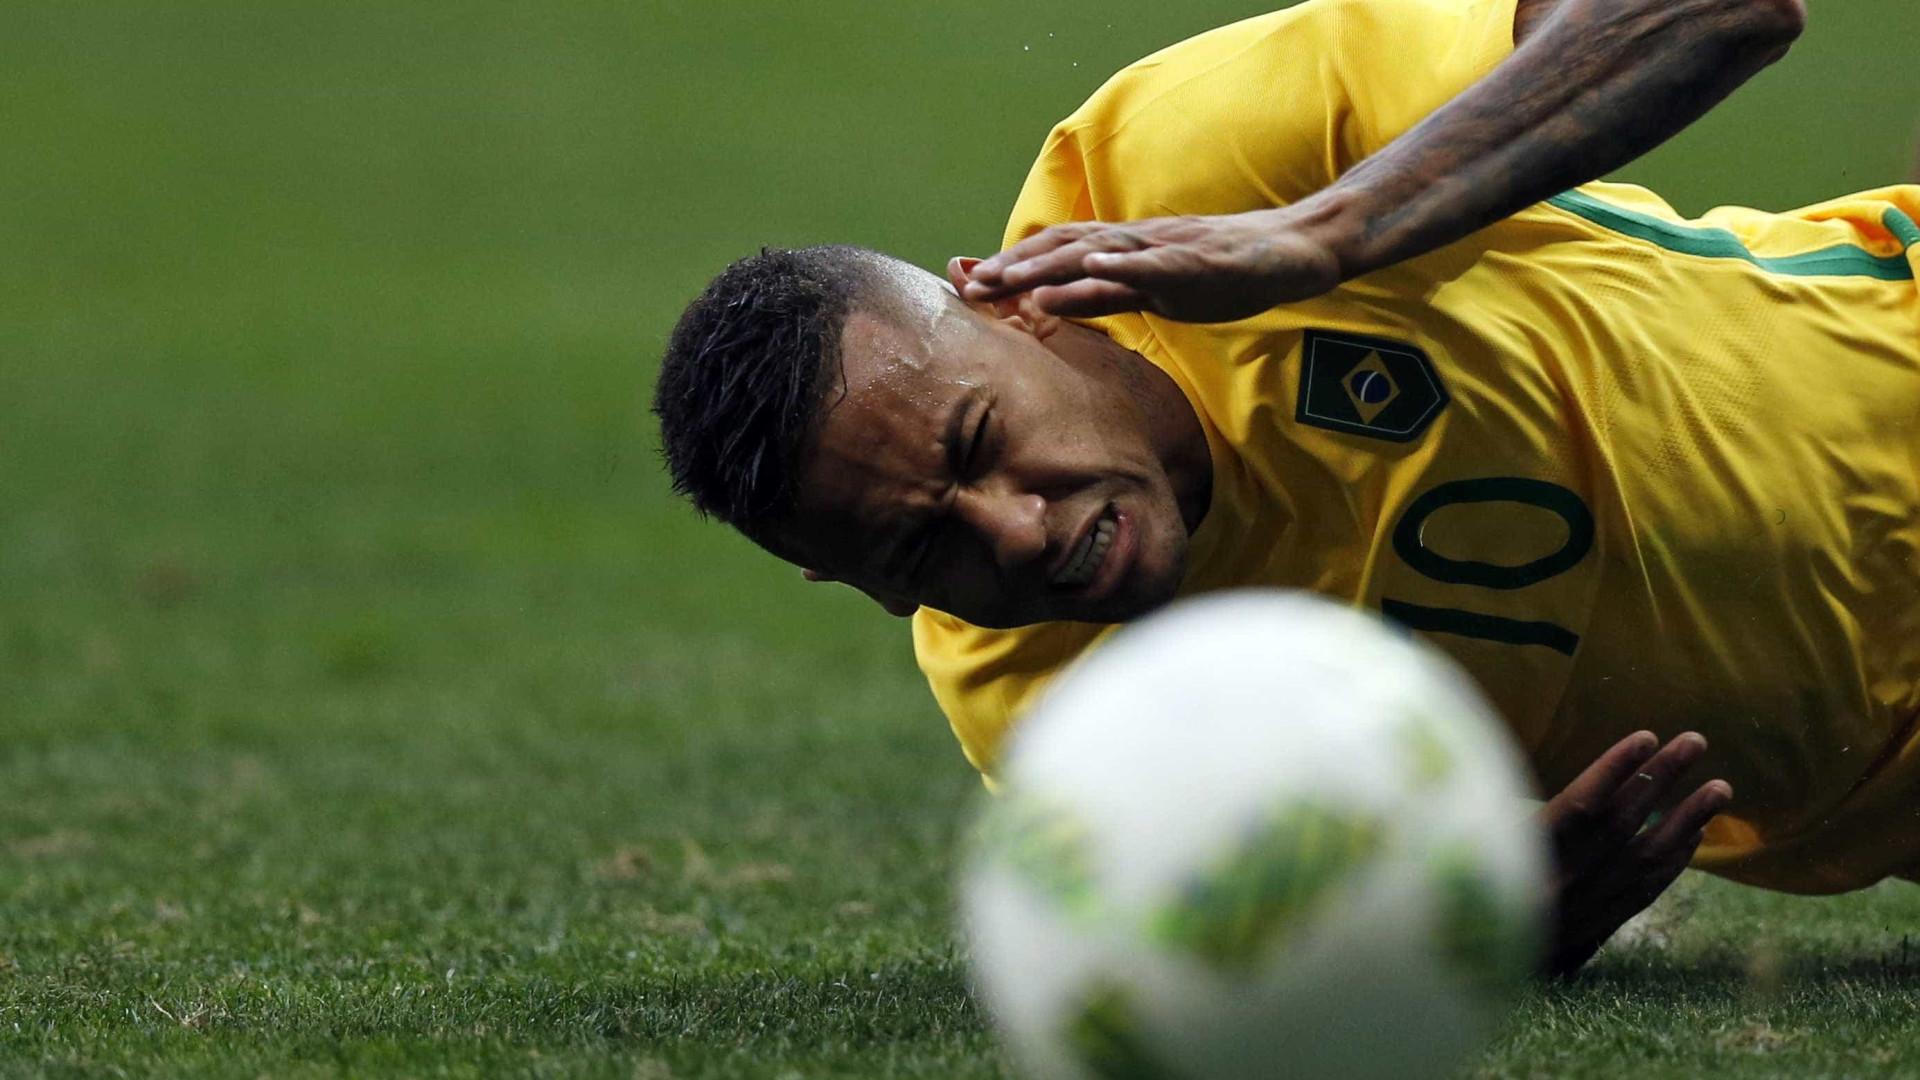 Membro da comissão técnica aponta problema de Neymar